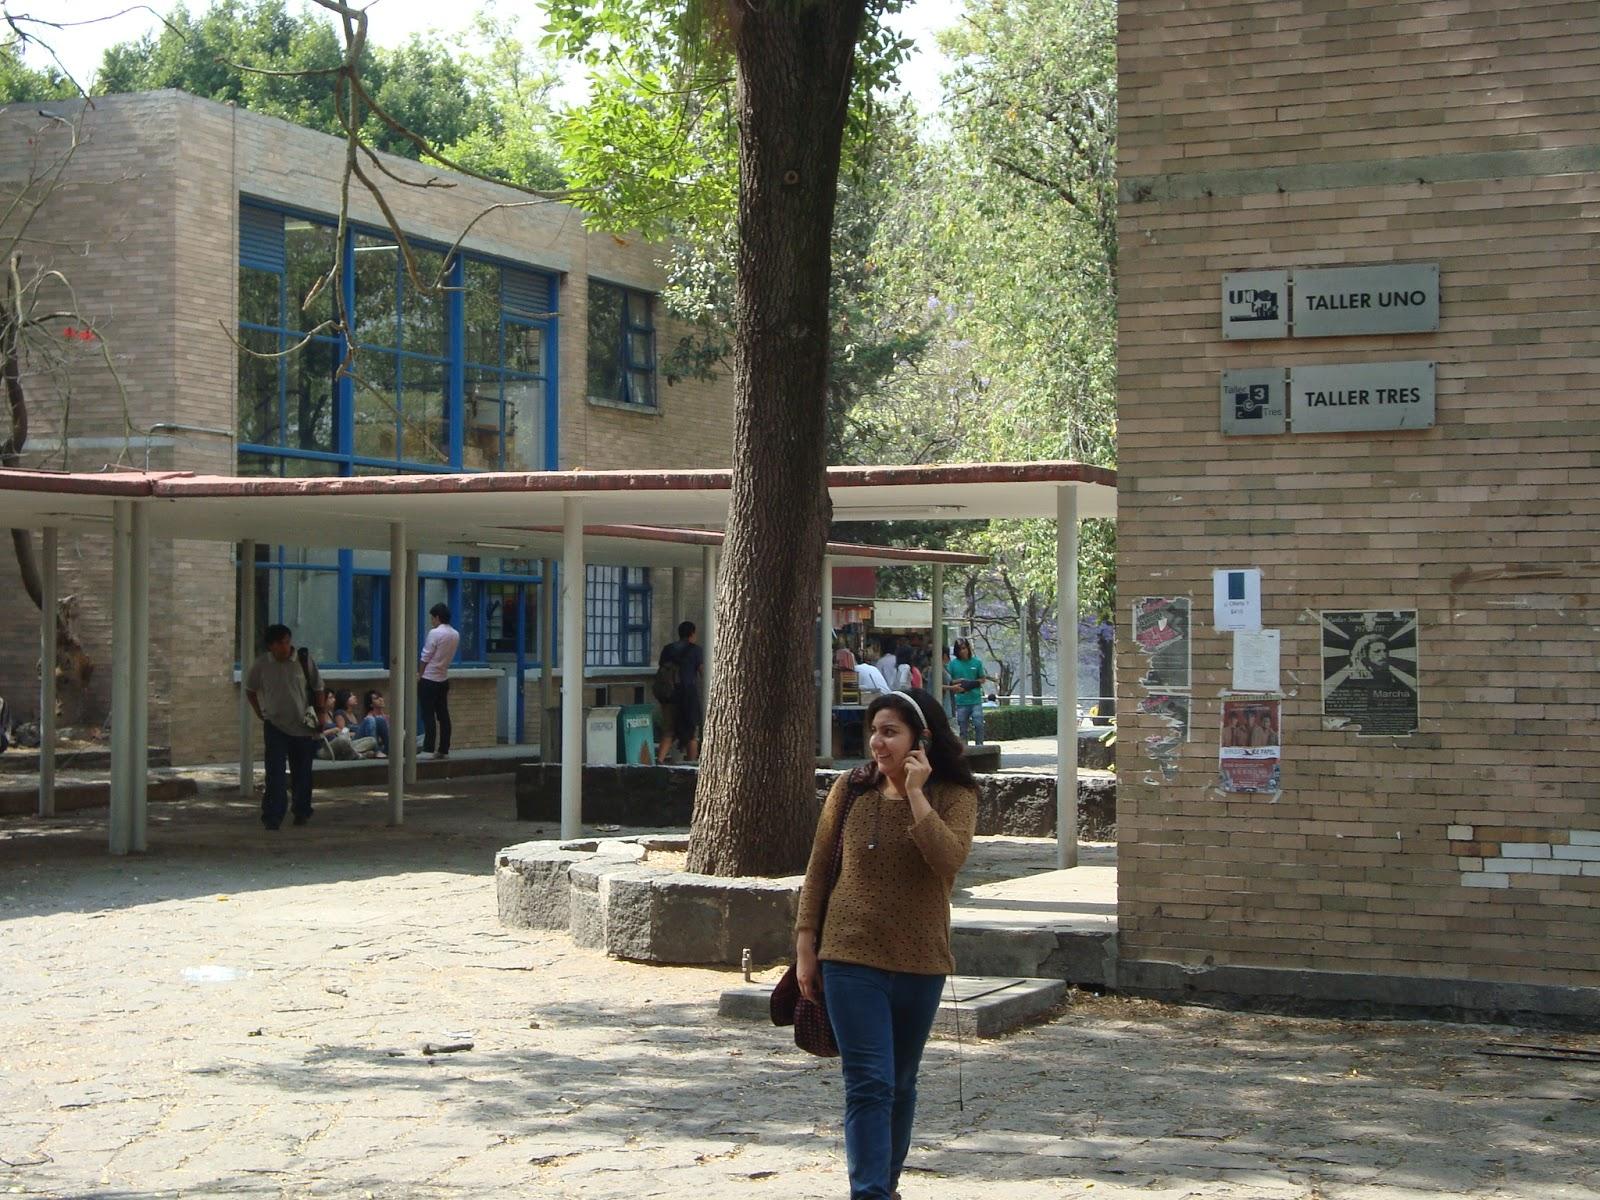 Rodriguez faduuba muy interesante experiencia de for Decano dela facultad de arquitectura